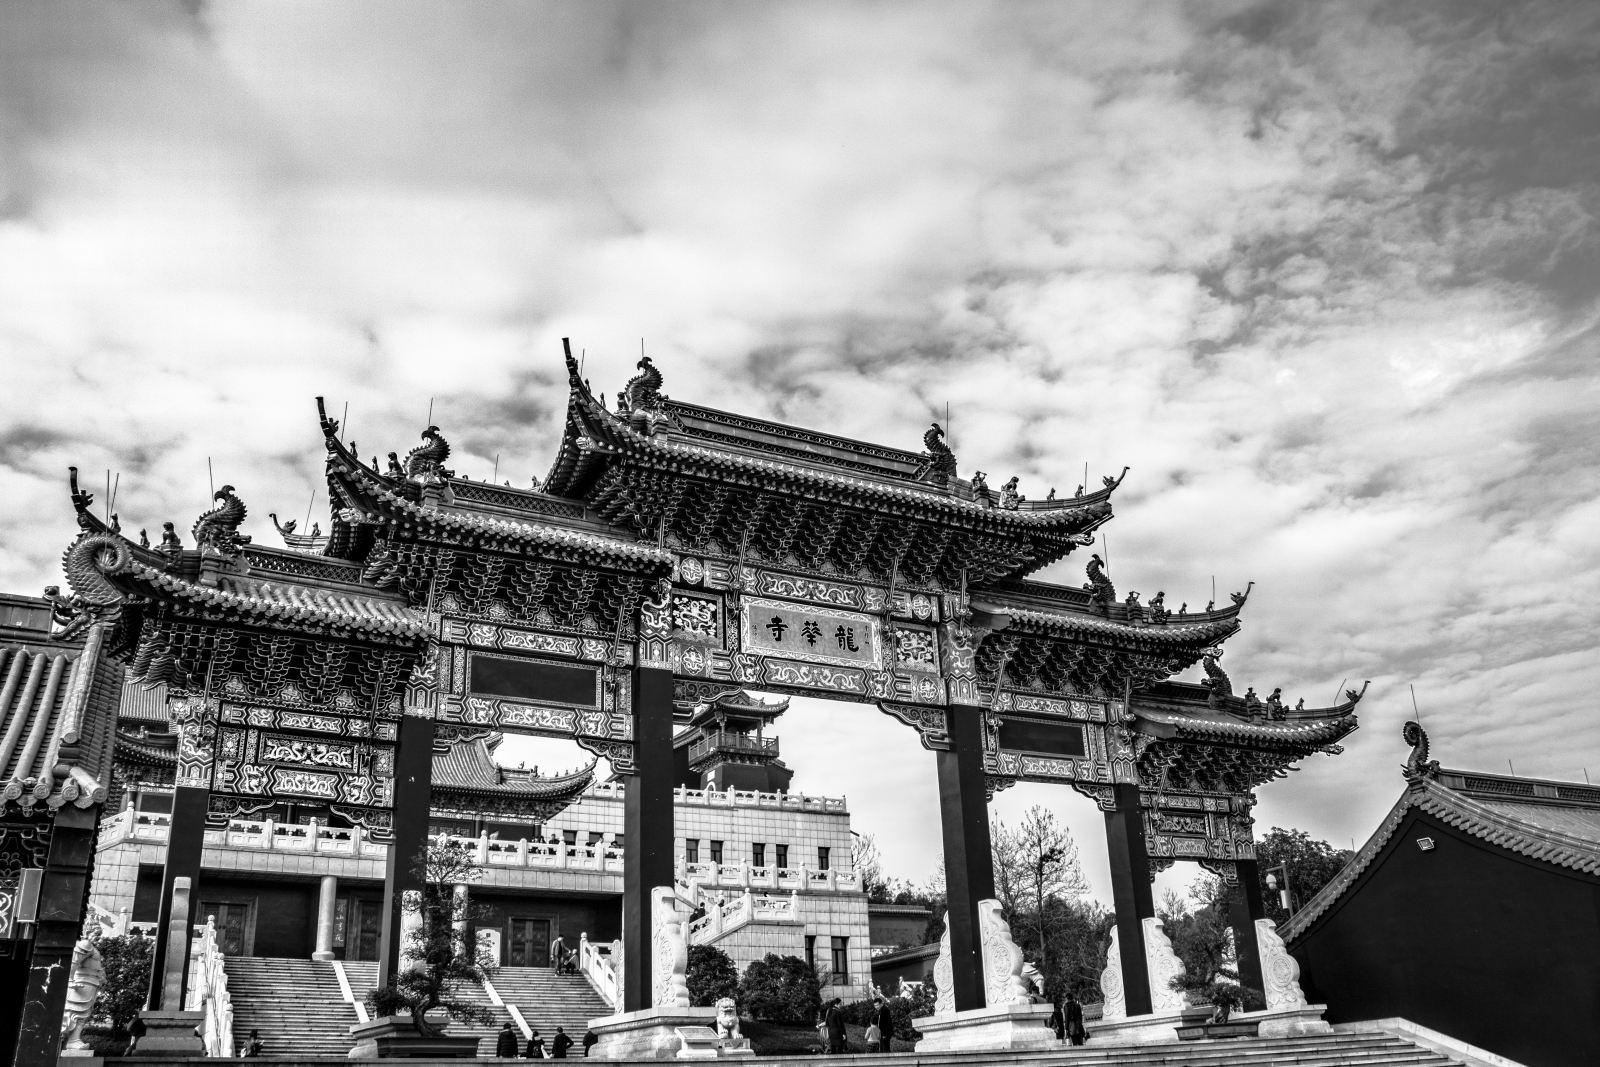 丽江四天旅游指南。不要错过你的第一次丽江之旅!